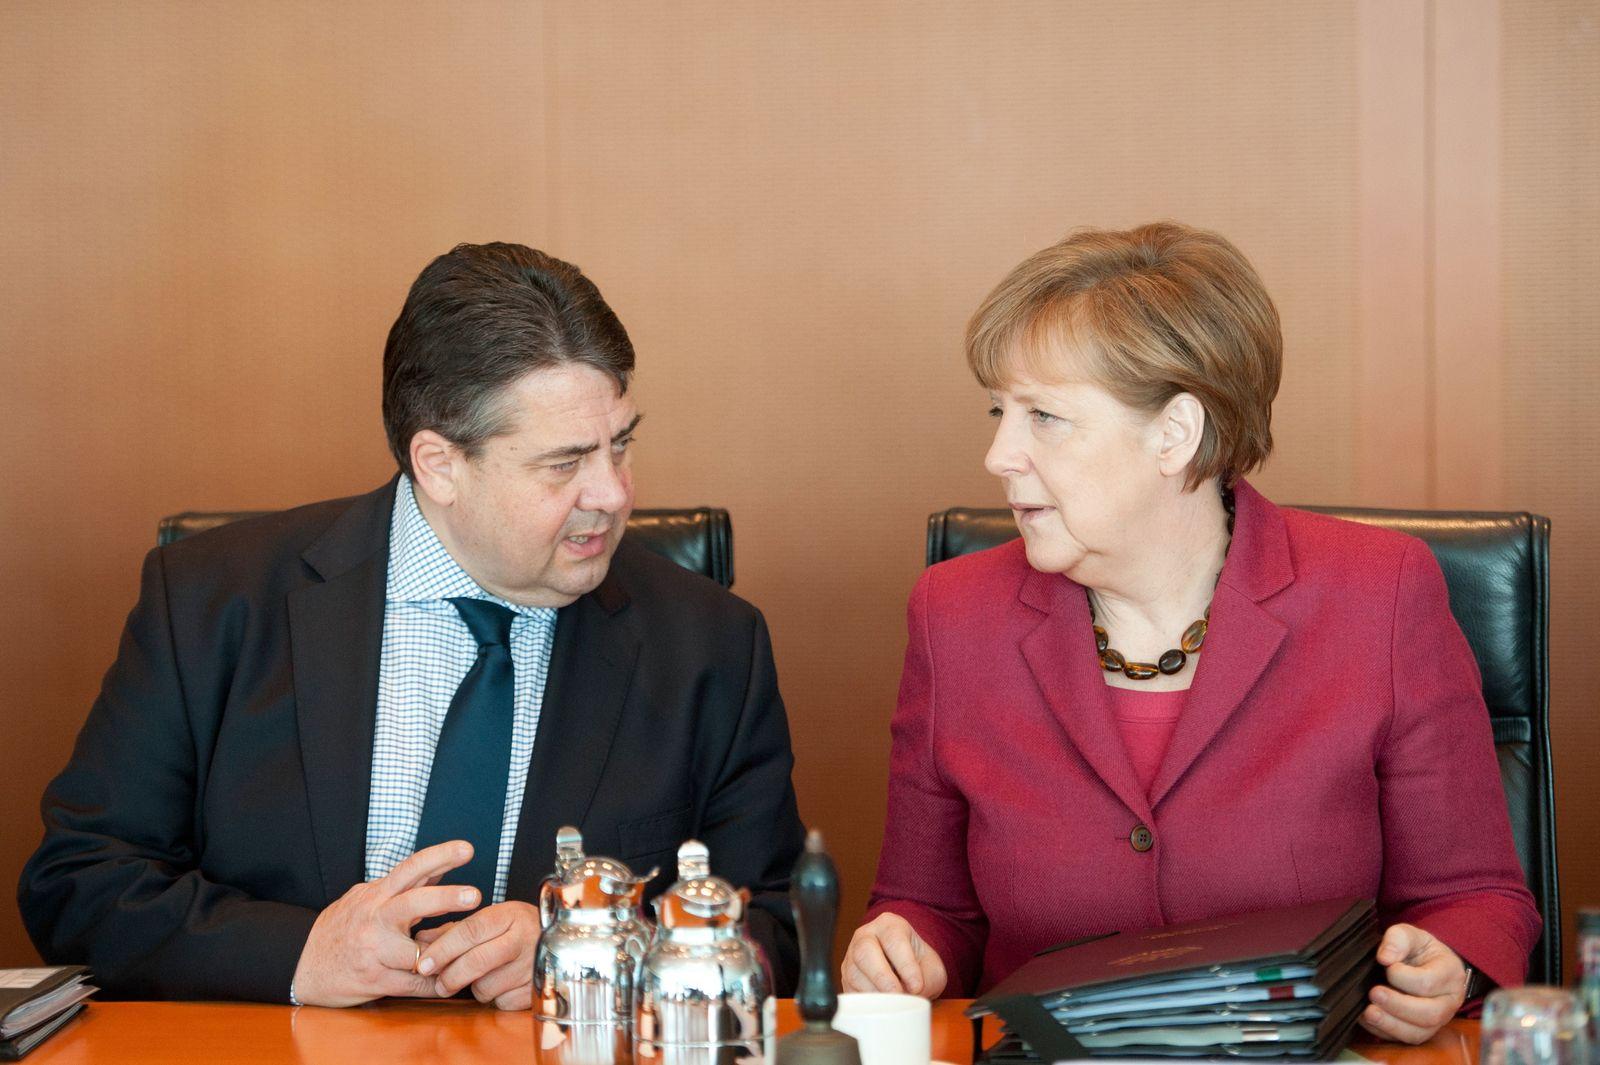 Angela Merkel/ Sigmar Gabriel